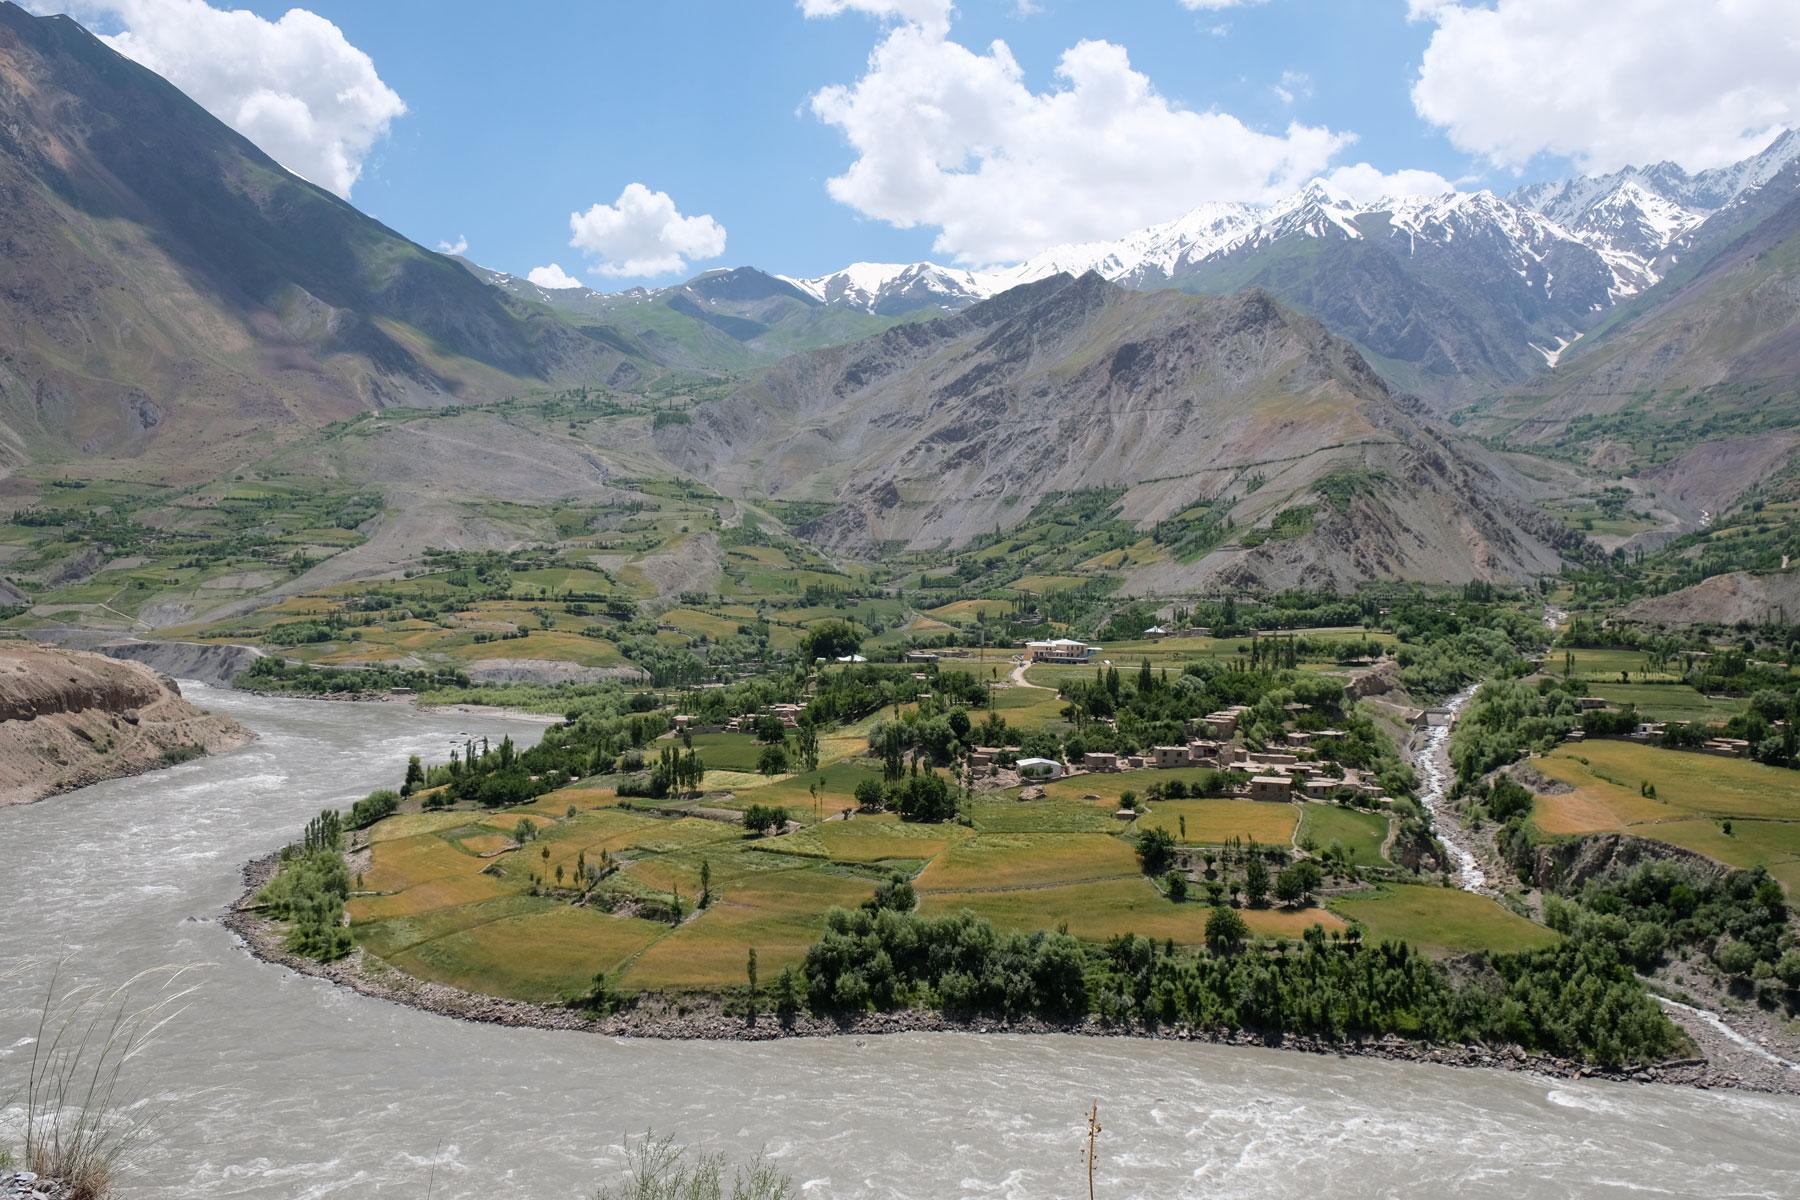 Der Fluss Panj und ein afghanisches Dorf.